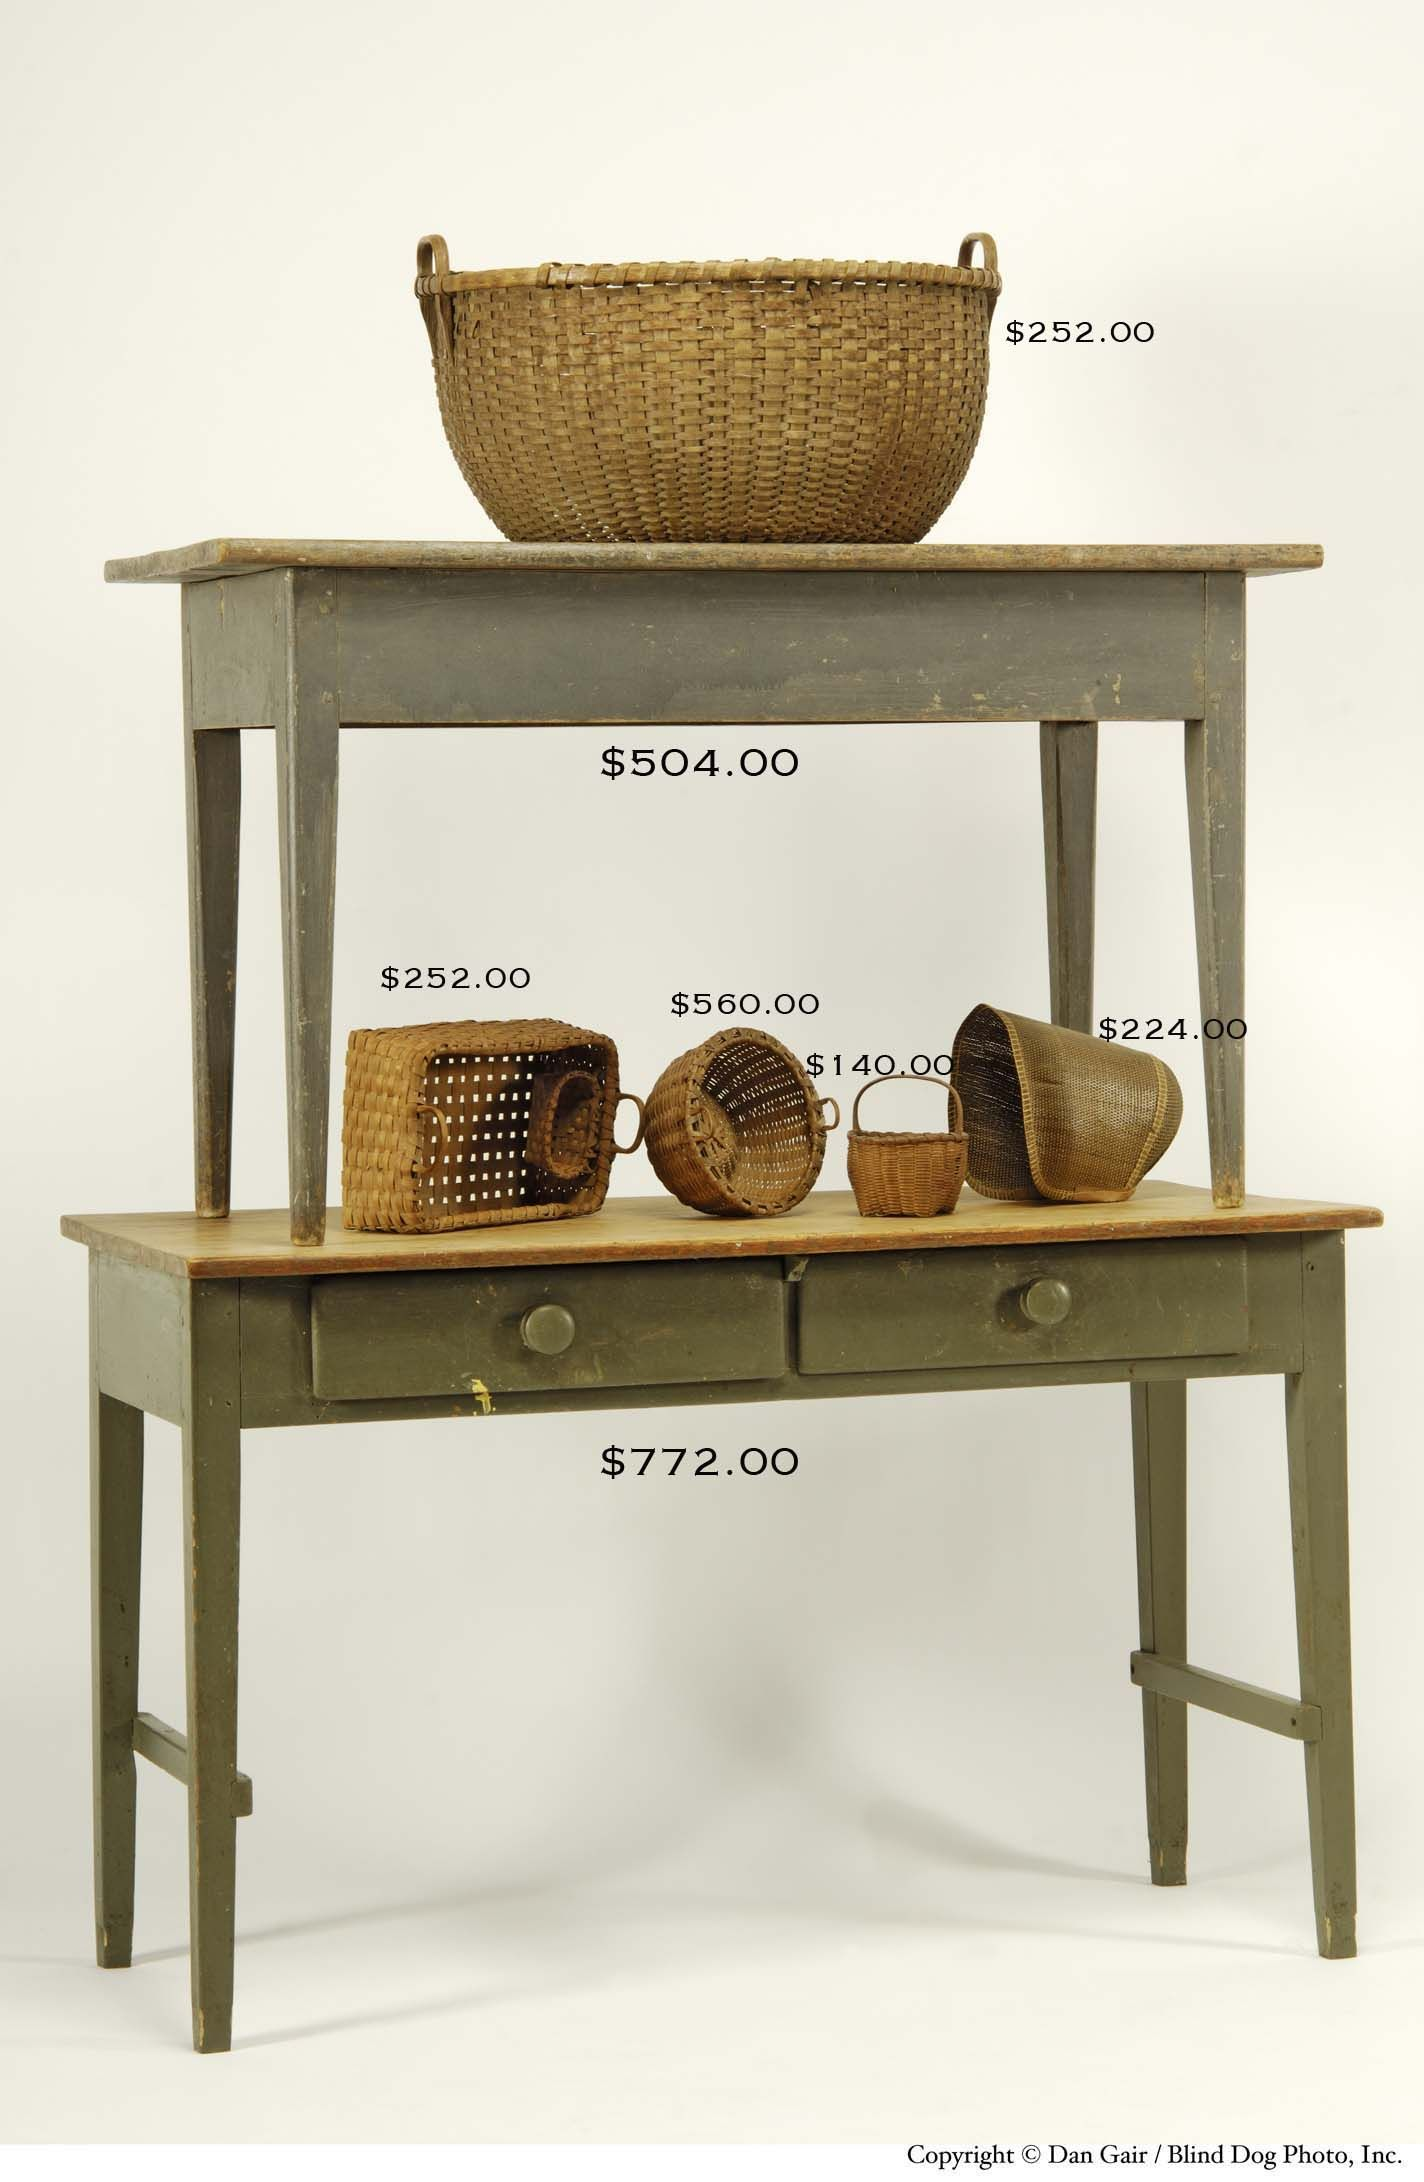 Antique shaker furniture - 78 Beste Afbeeldingen Over 2 Shakers Furniture Op Pinterest 78 Beste Afbeeldingen Over 2 Shakers Furniture